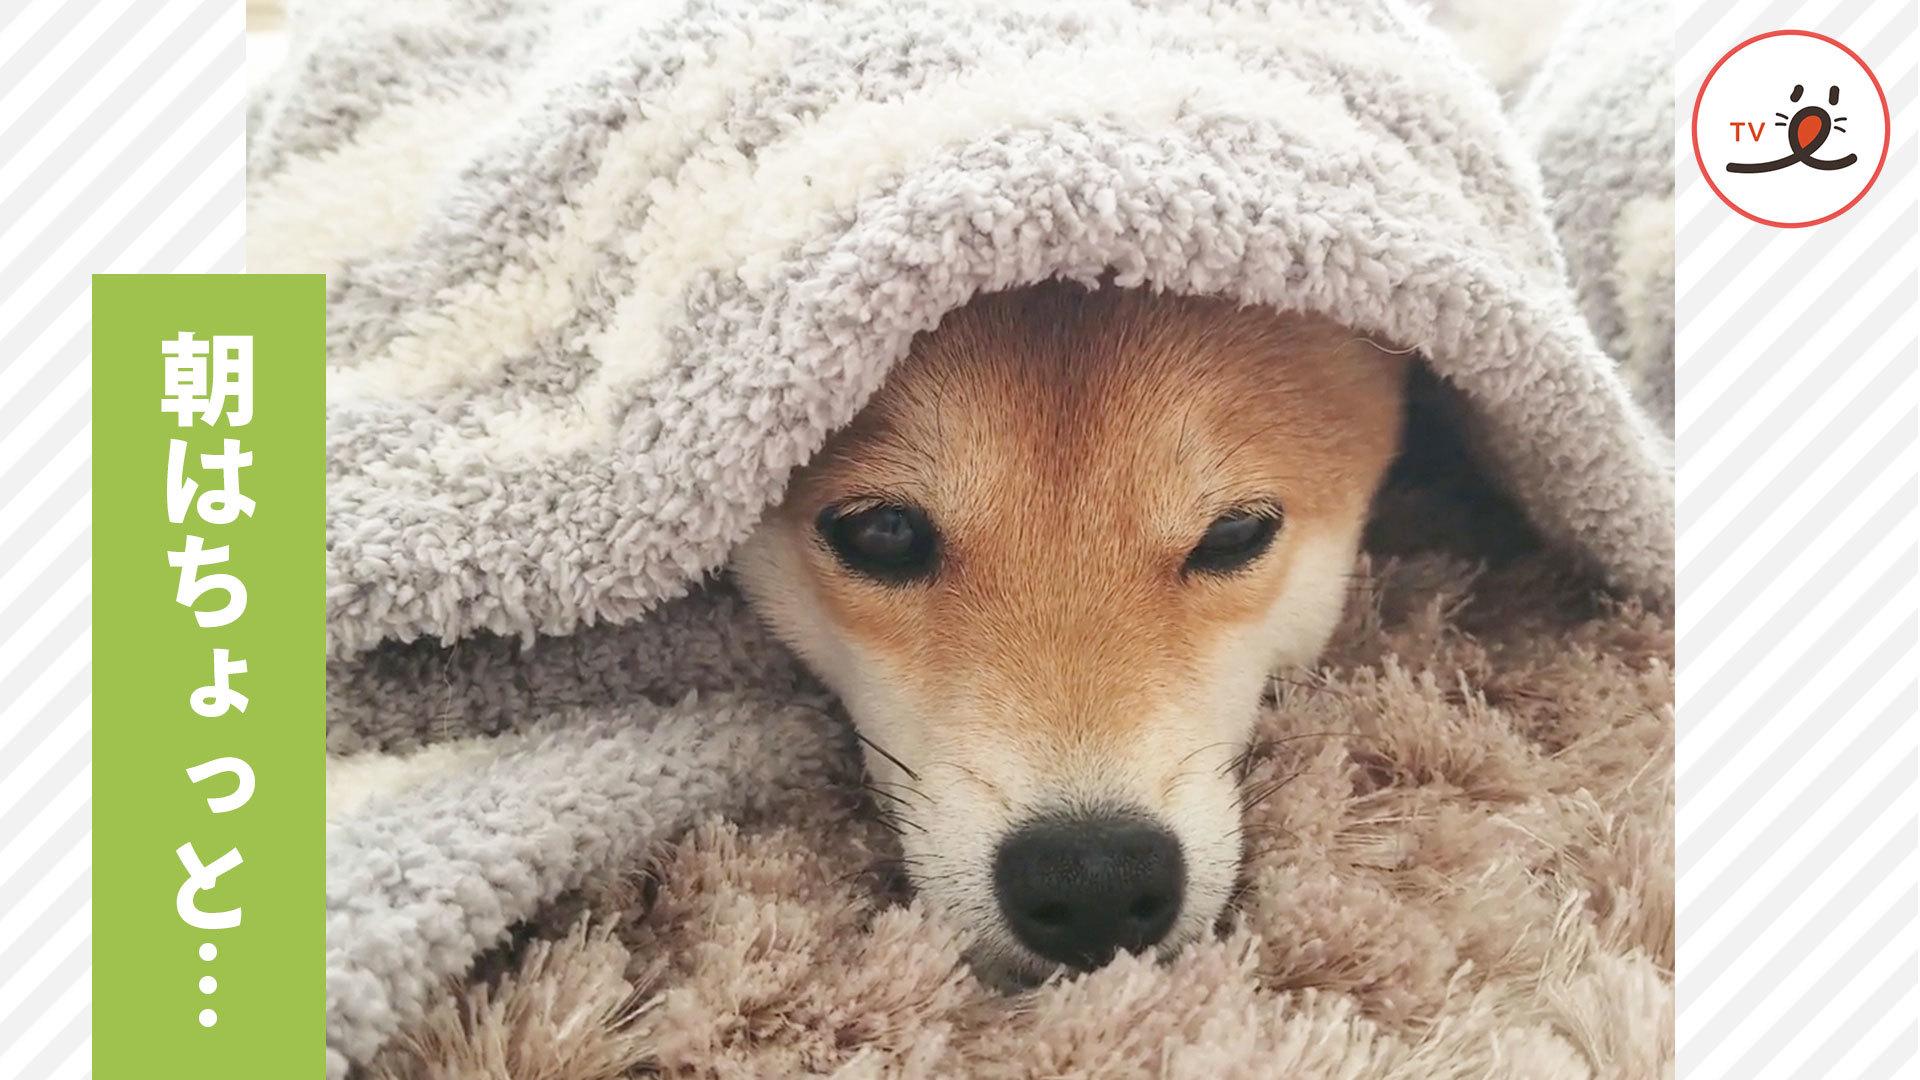 お布団の中でおネムな柴犬さん😴 朝はちょっと苦手なの💦